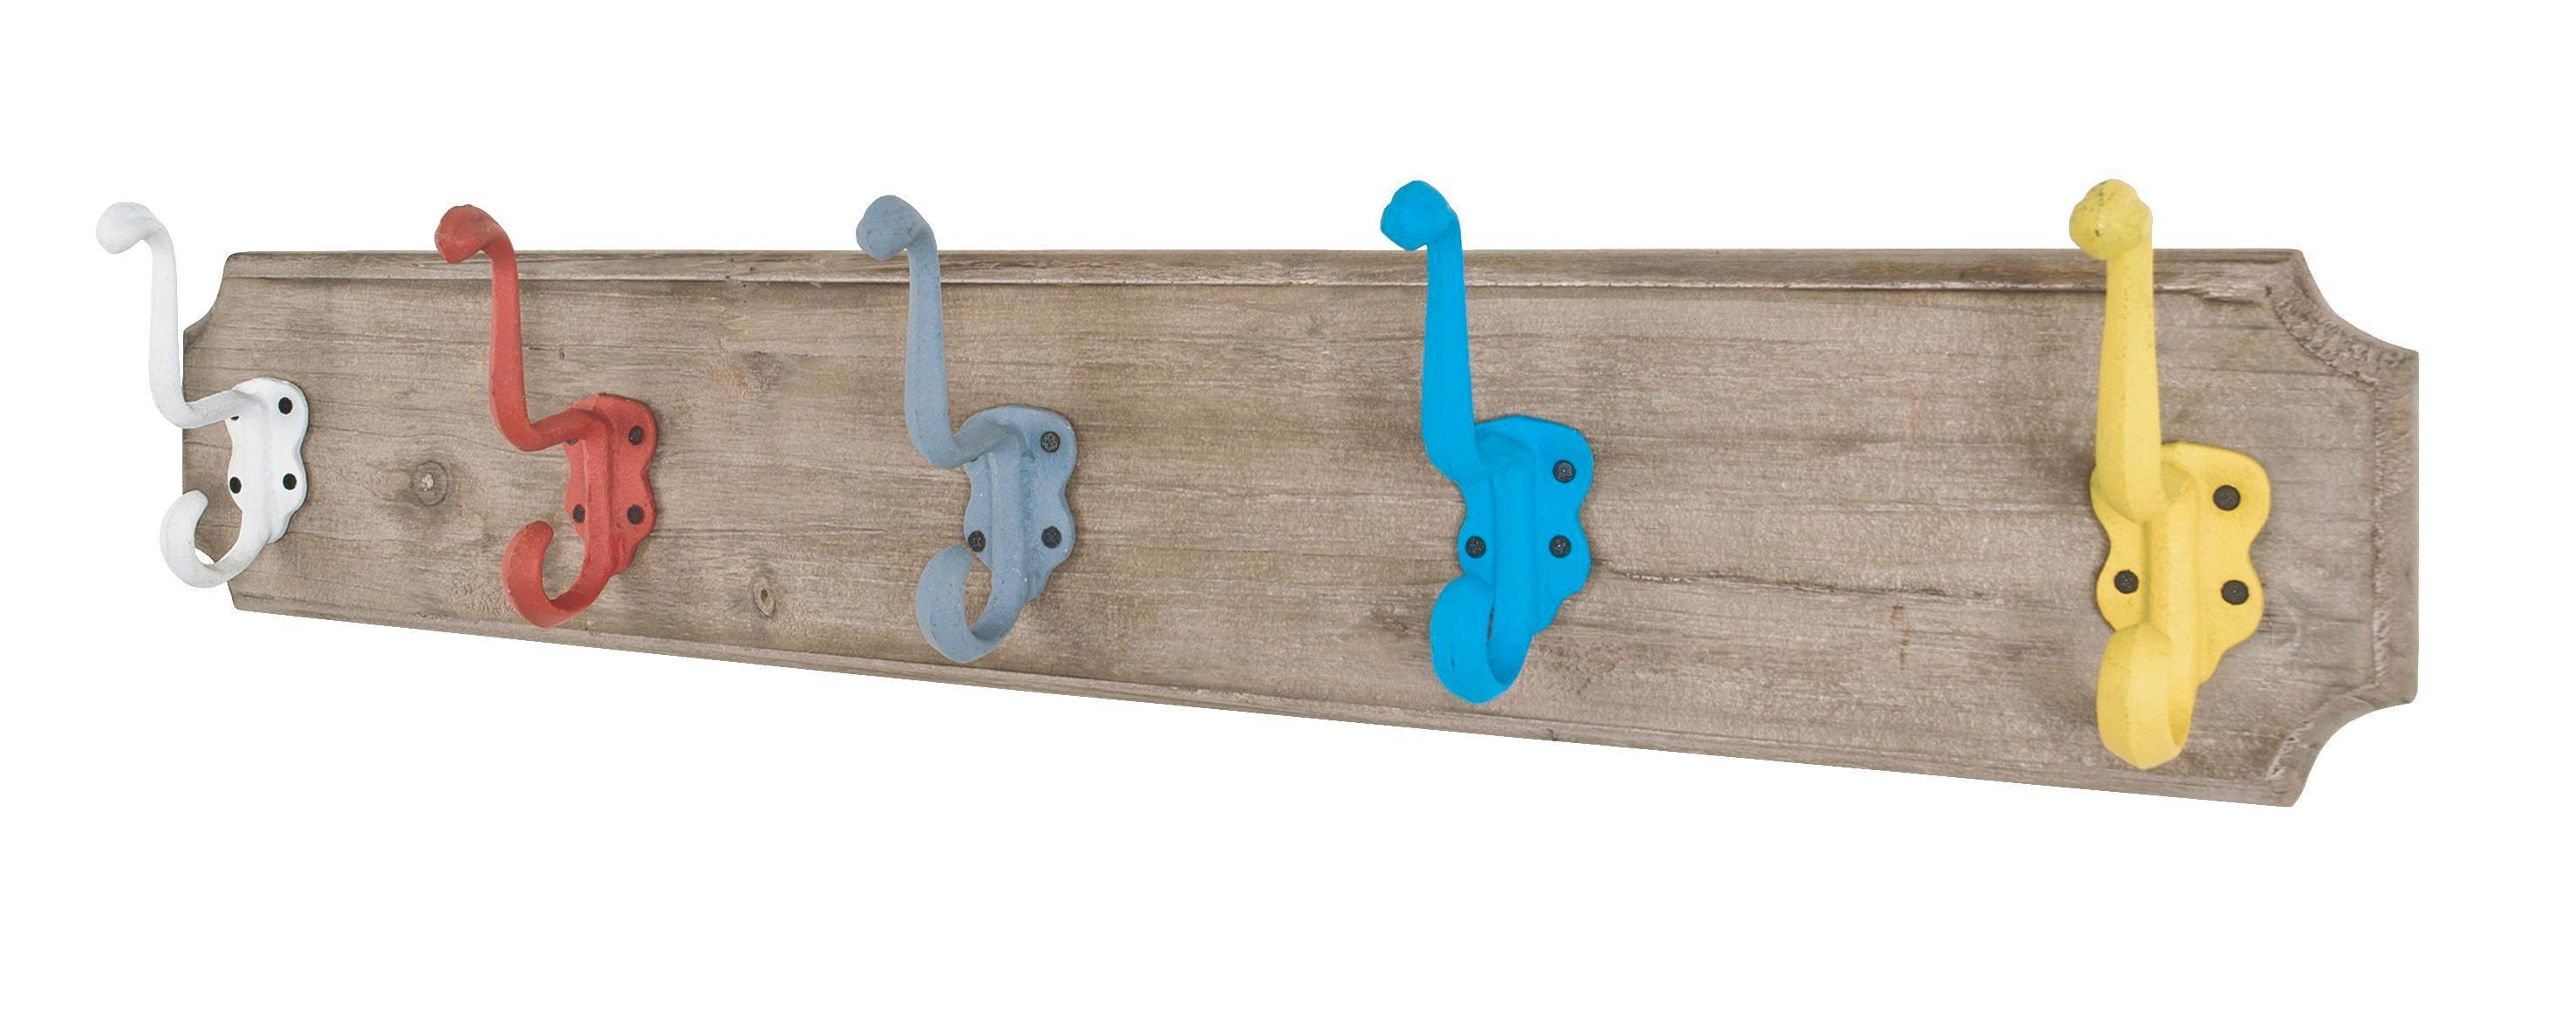 Hakenleiste in Blau/gelb/grau/rot - Blau/Gelb, Holz/Metall (61/8/13cm) - MÖMAX modern living